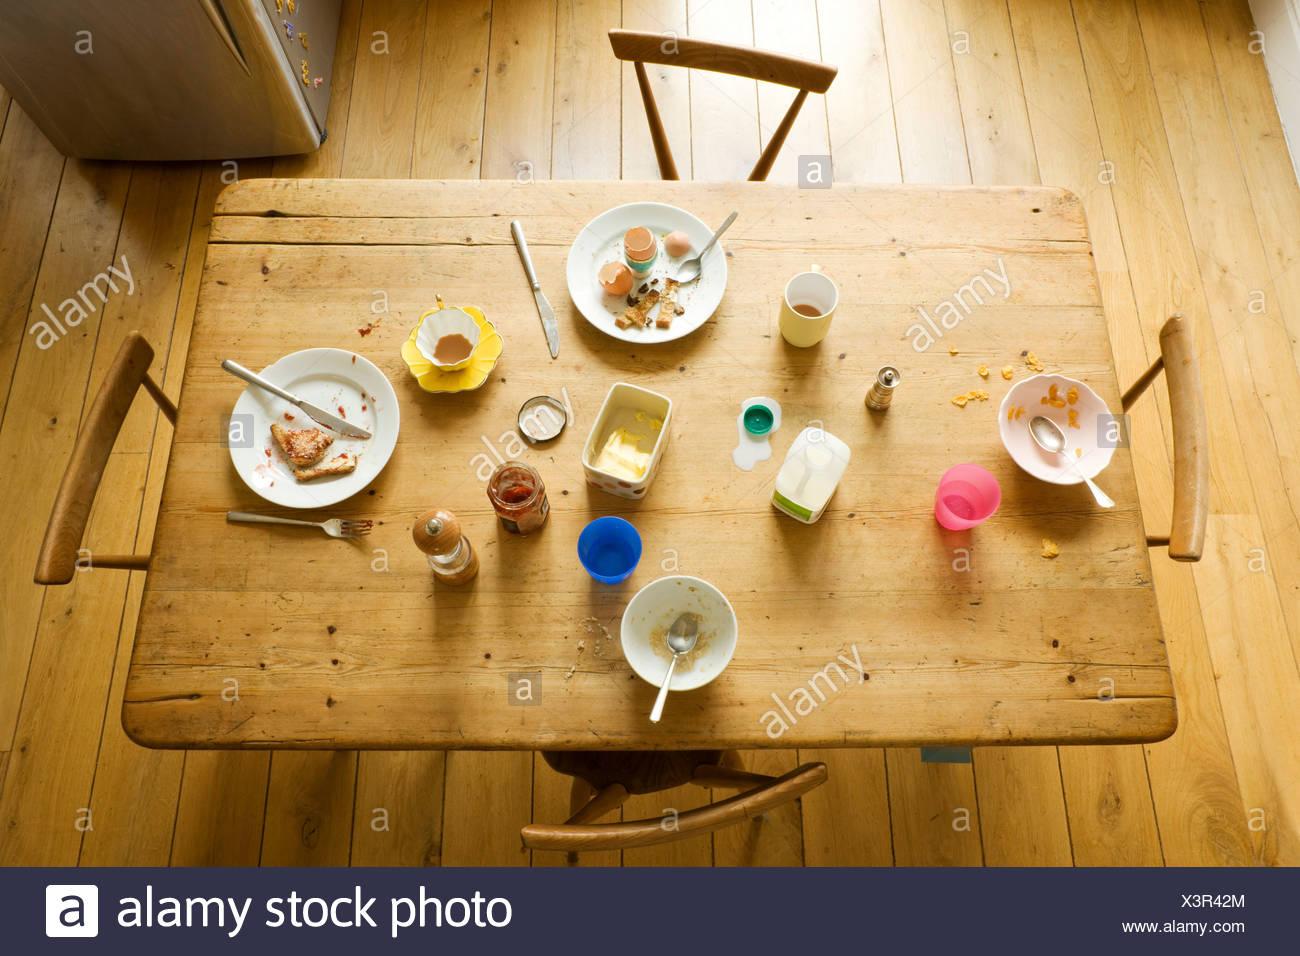 Vista aérea de la mesa de desayuno con comido alimentos y placas desordenadas Imagen De Stock